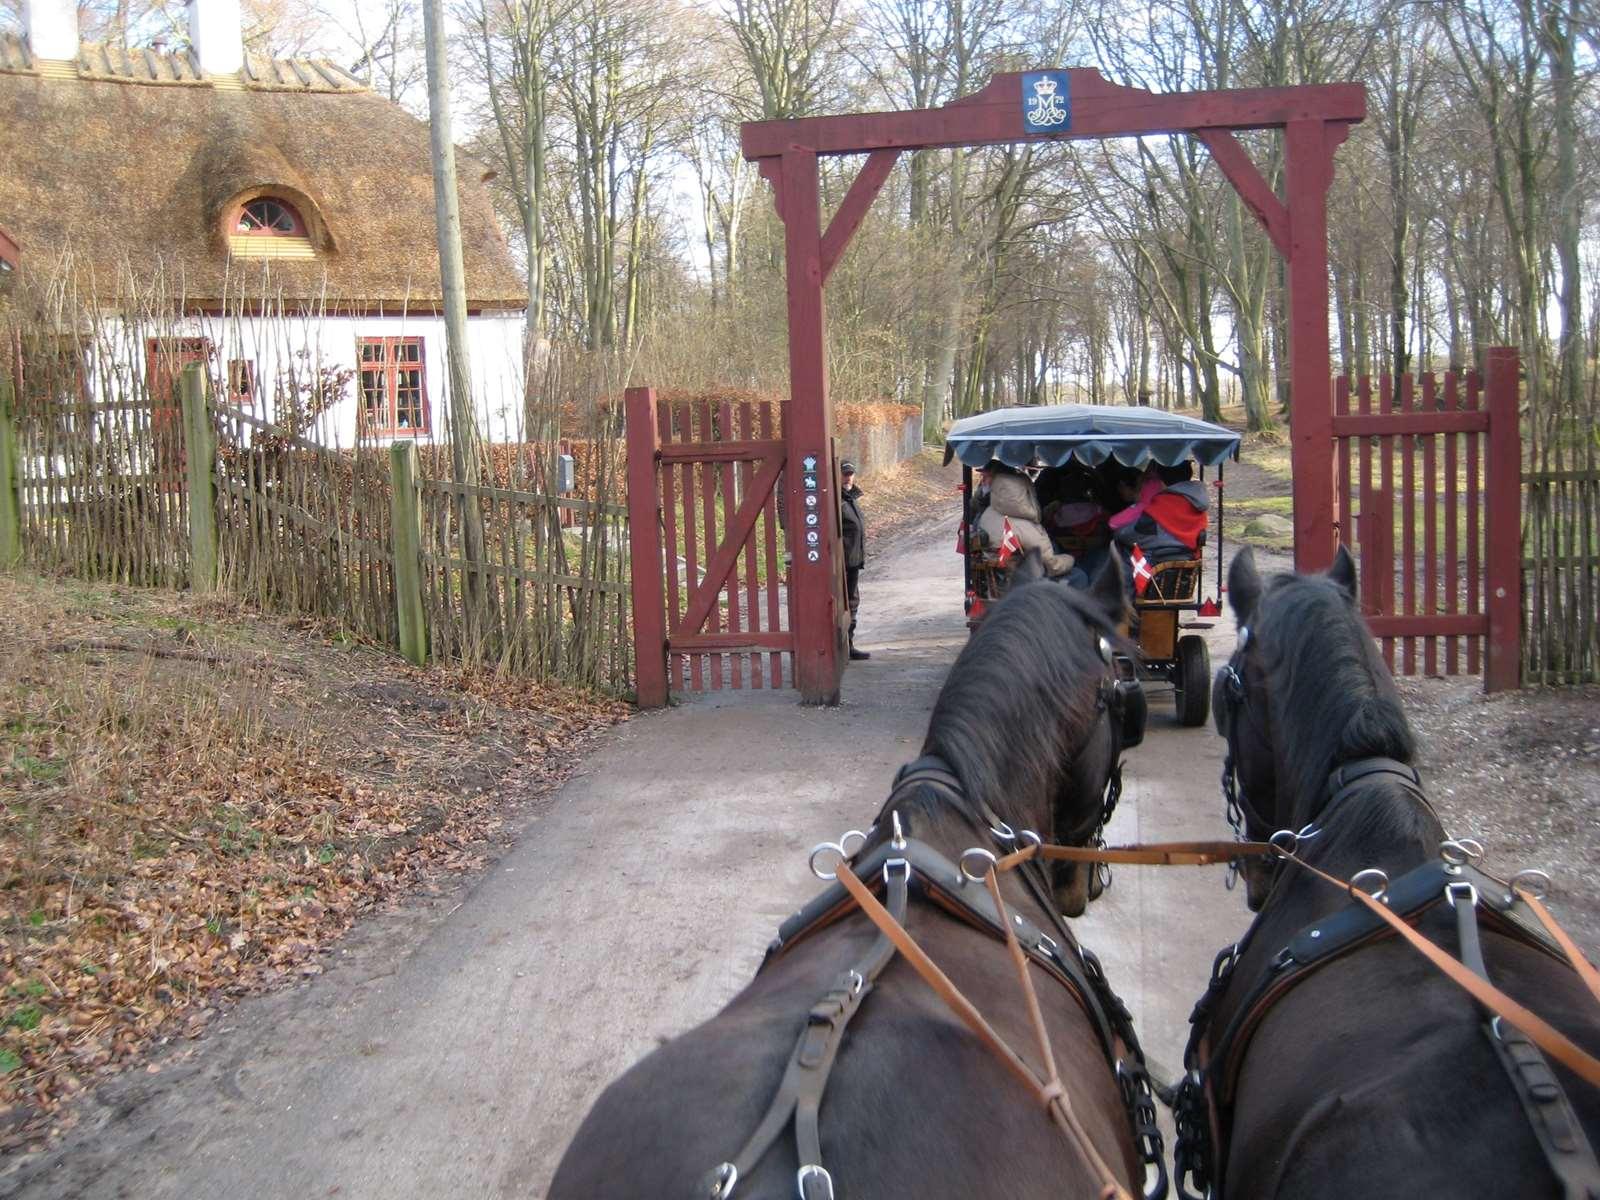 Hestevognskørsel i Klampenborg | Hestevogn nær Charlottenlund